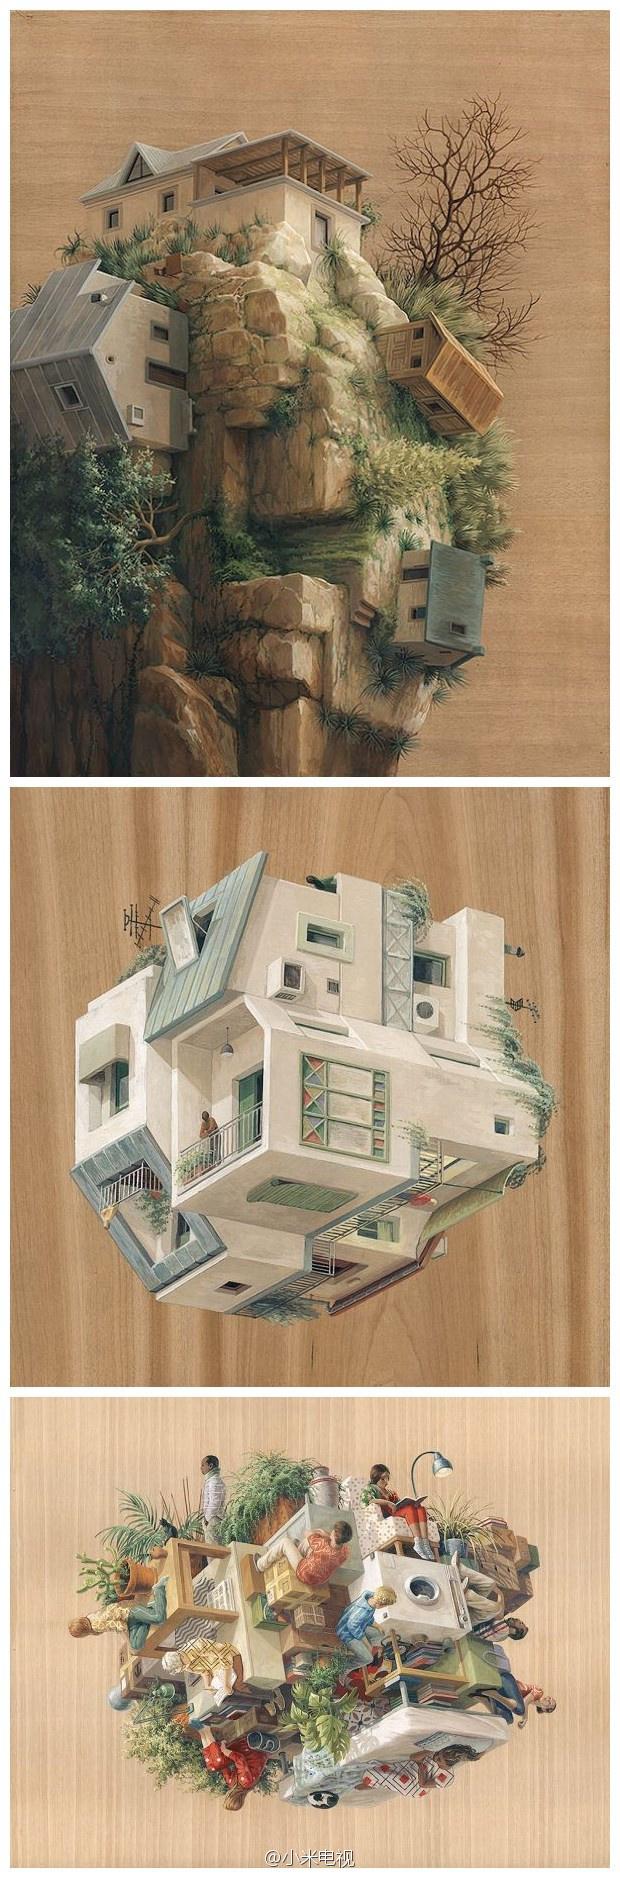 #早安#这组奇妙多维建筑插画,你最喜欢住哪一间?(via  Cinta Vidal Agulló)